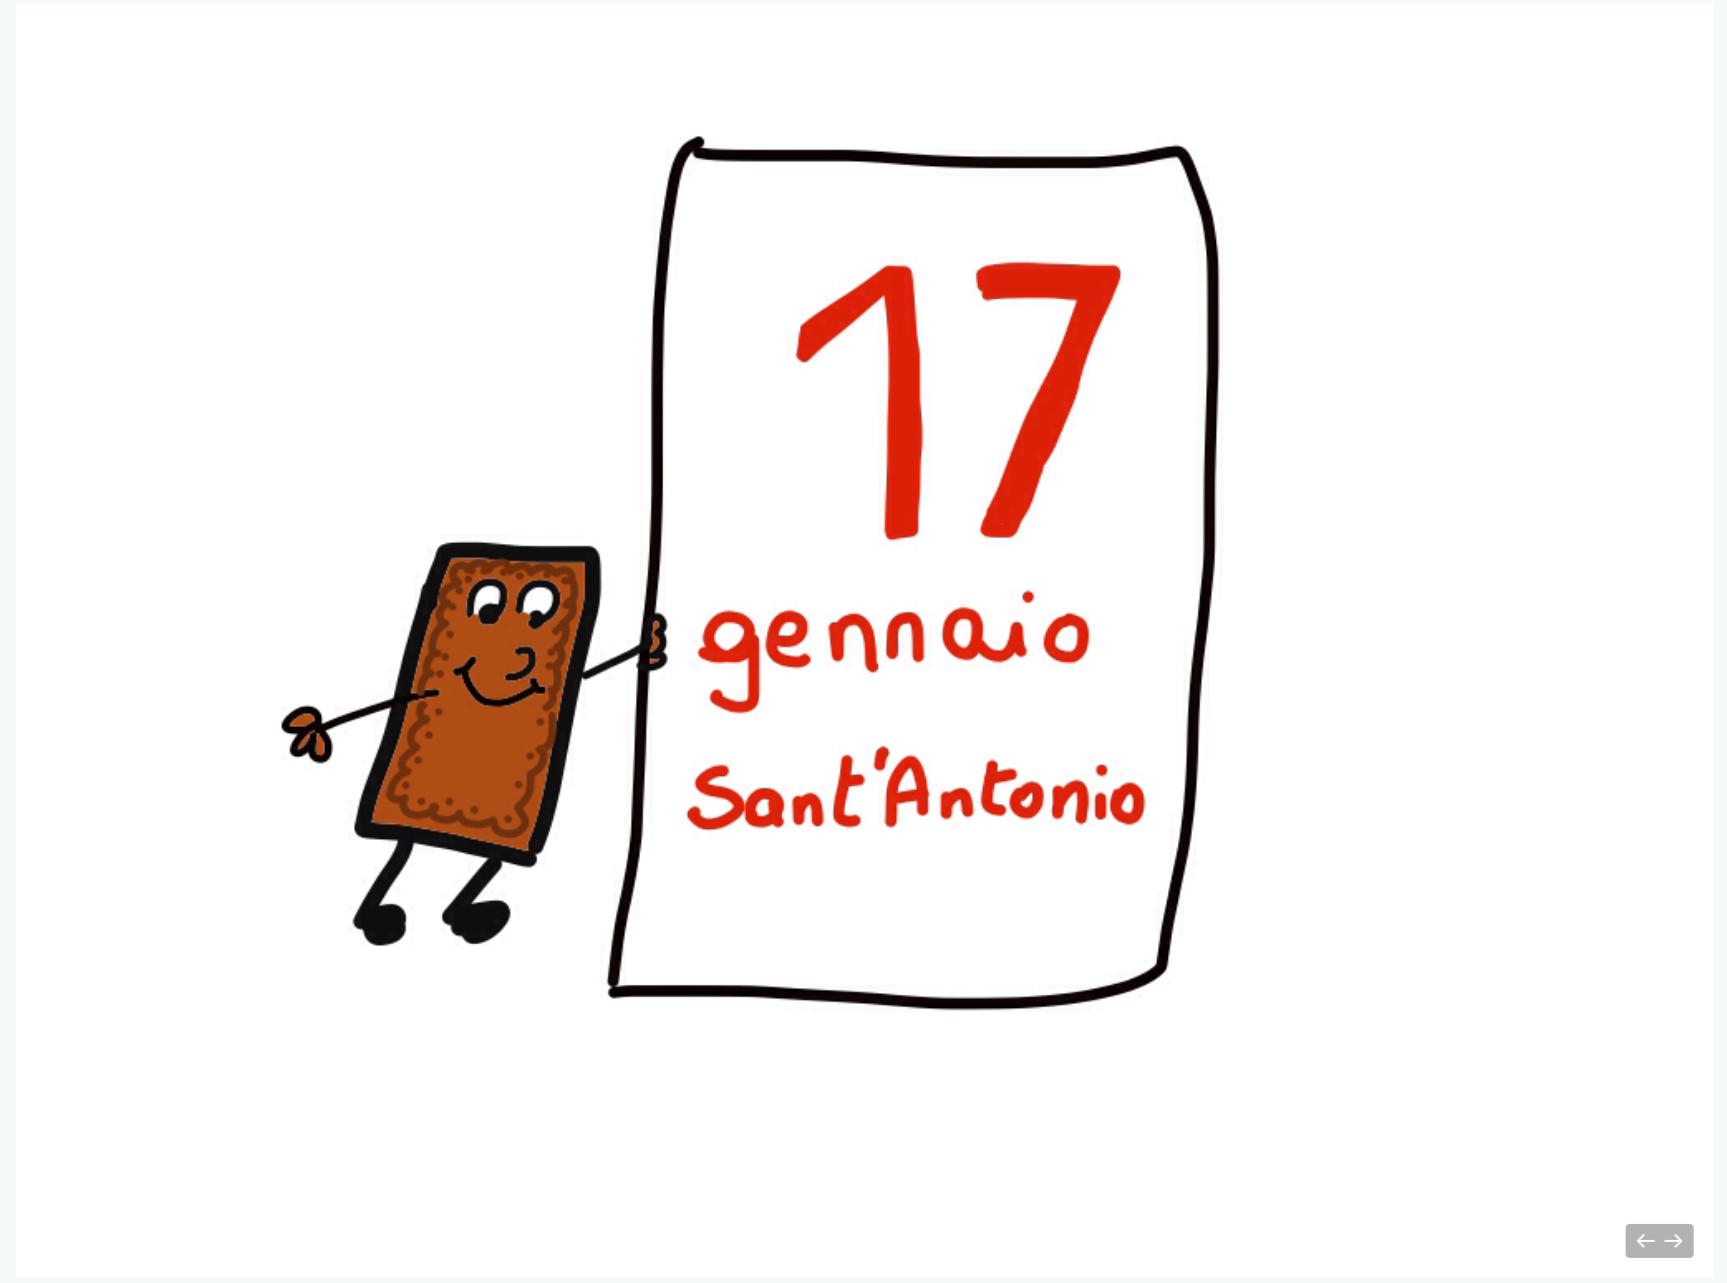 Sant'Antonio newsletter